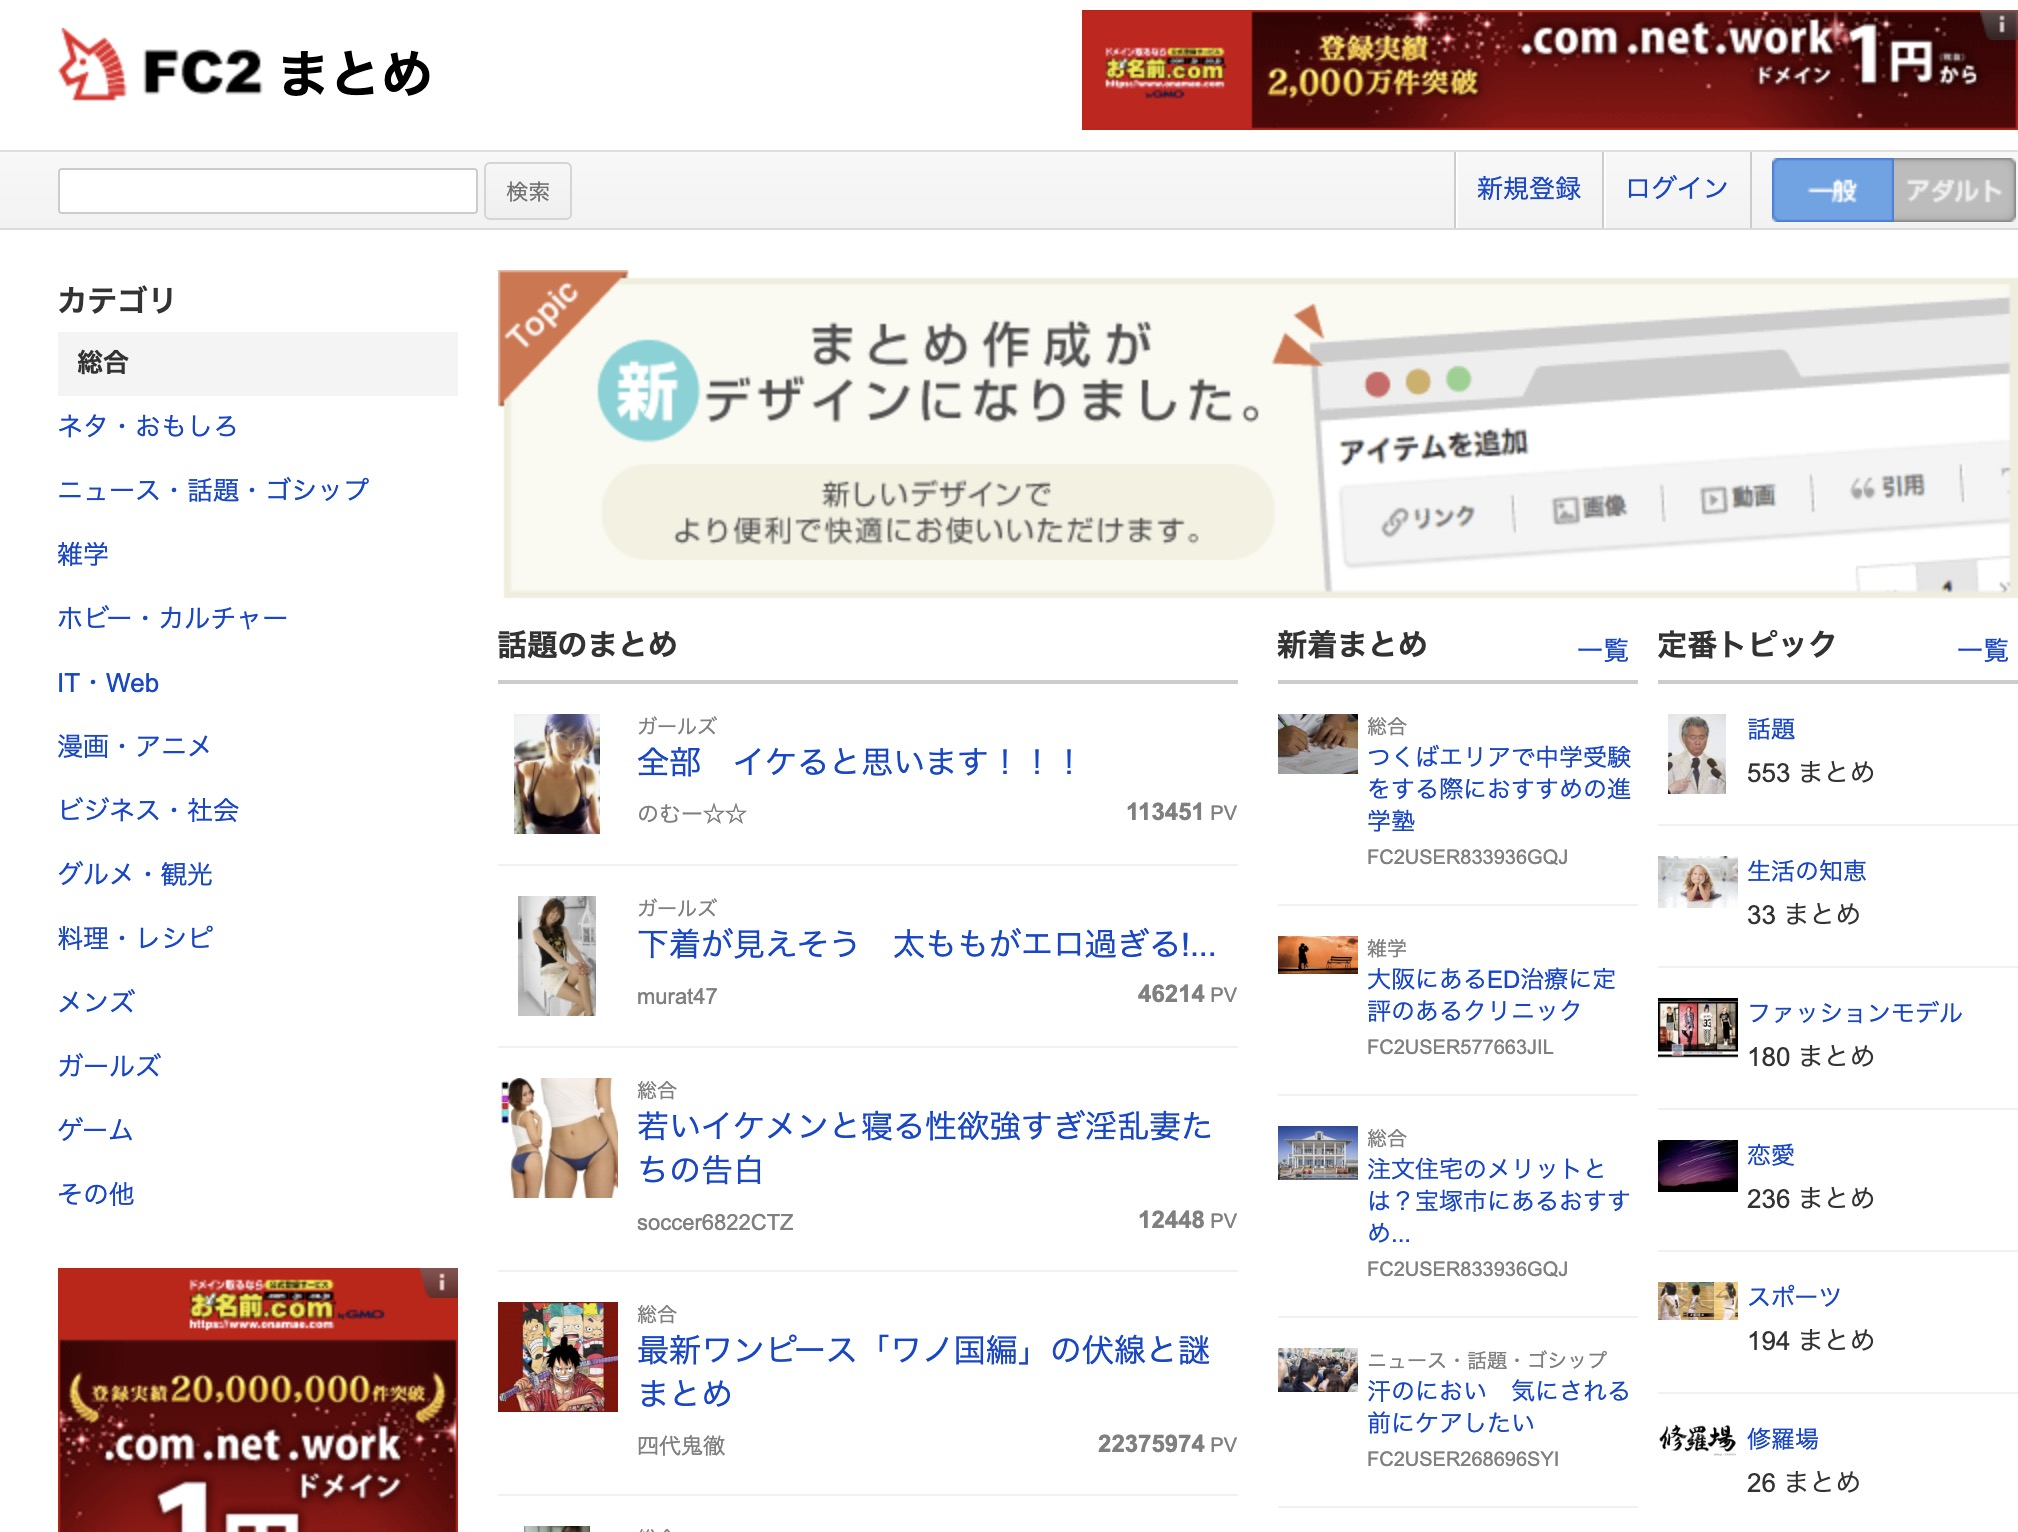 FC2まとめのトップページ